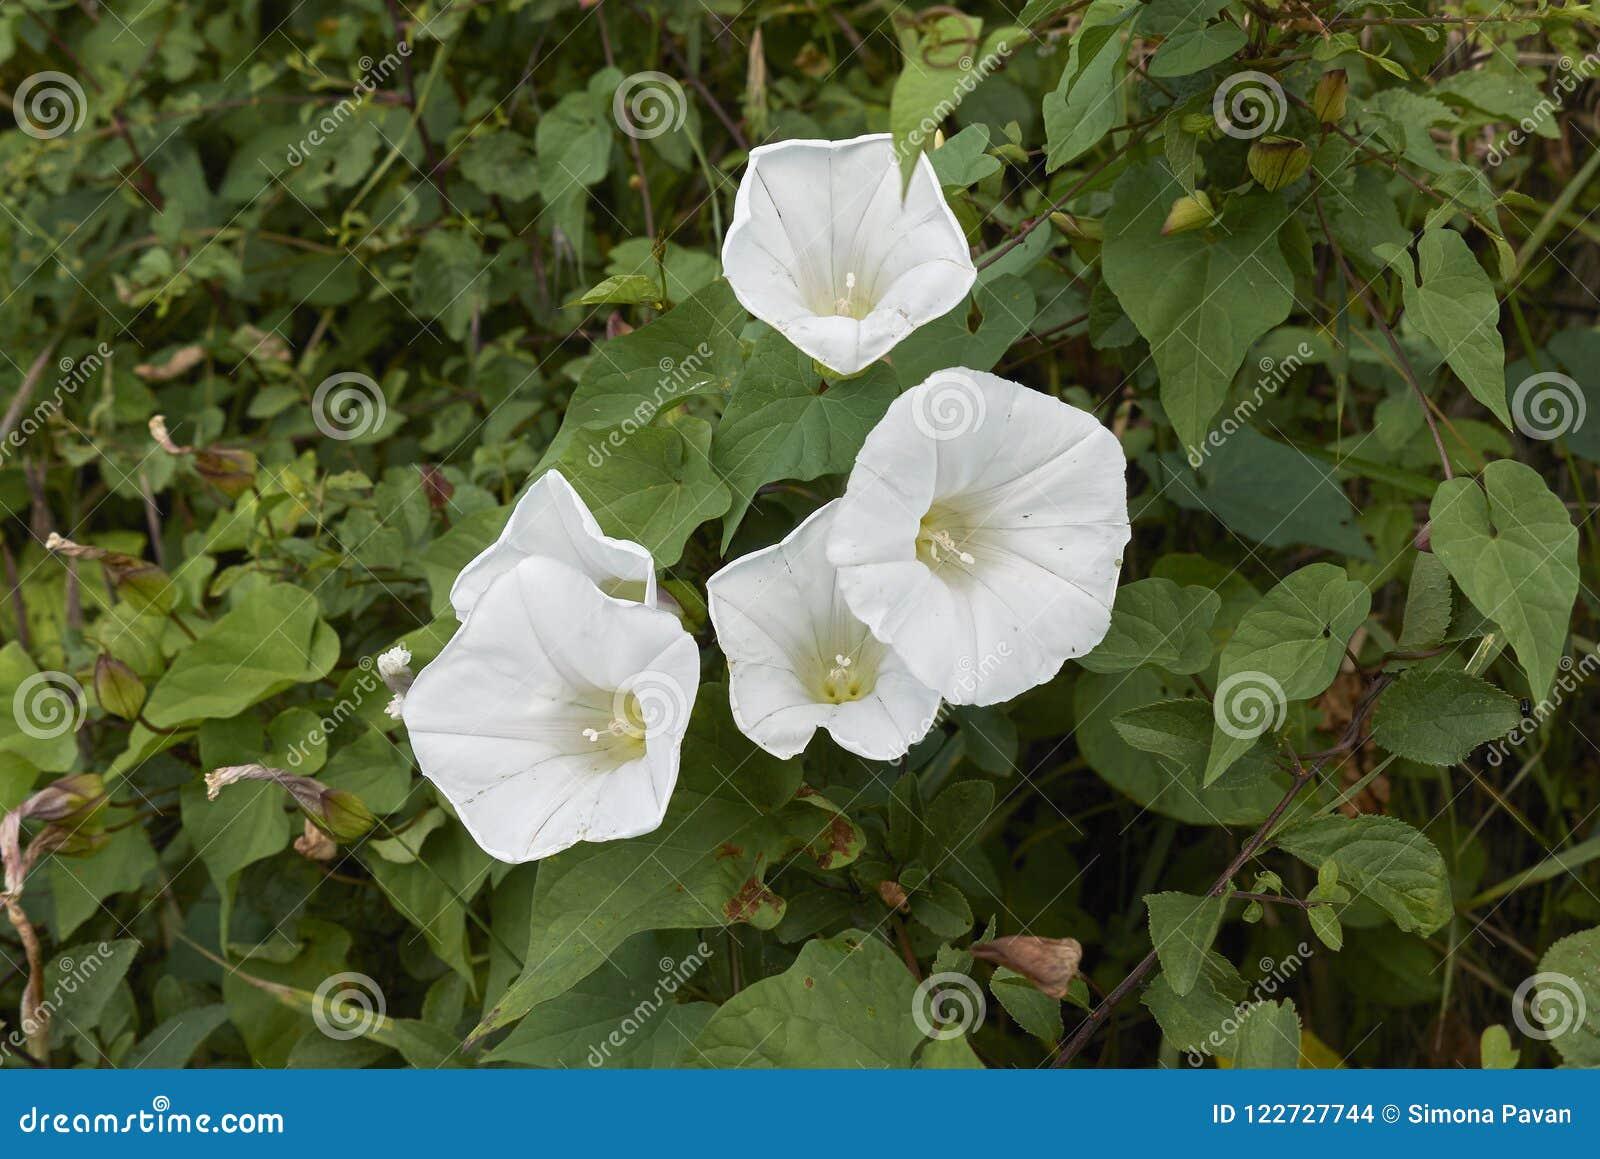 Flores brancas de plantas do silvatica do Calystegia